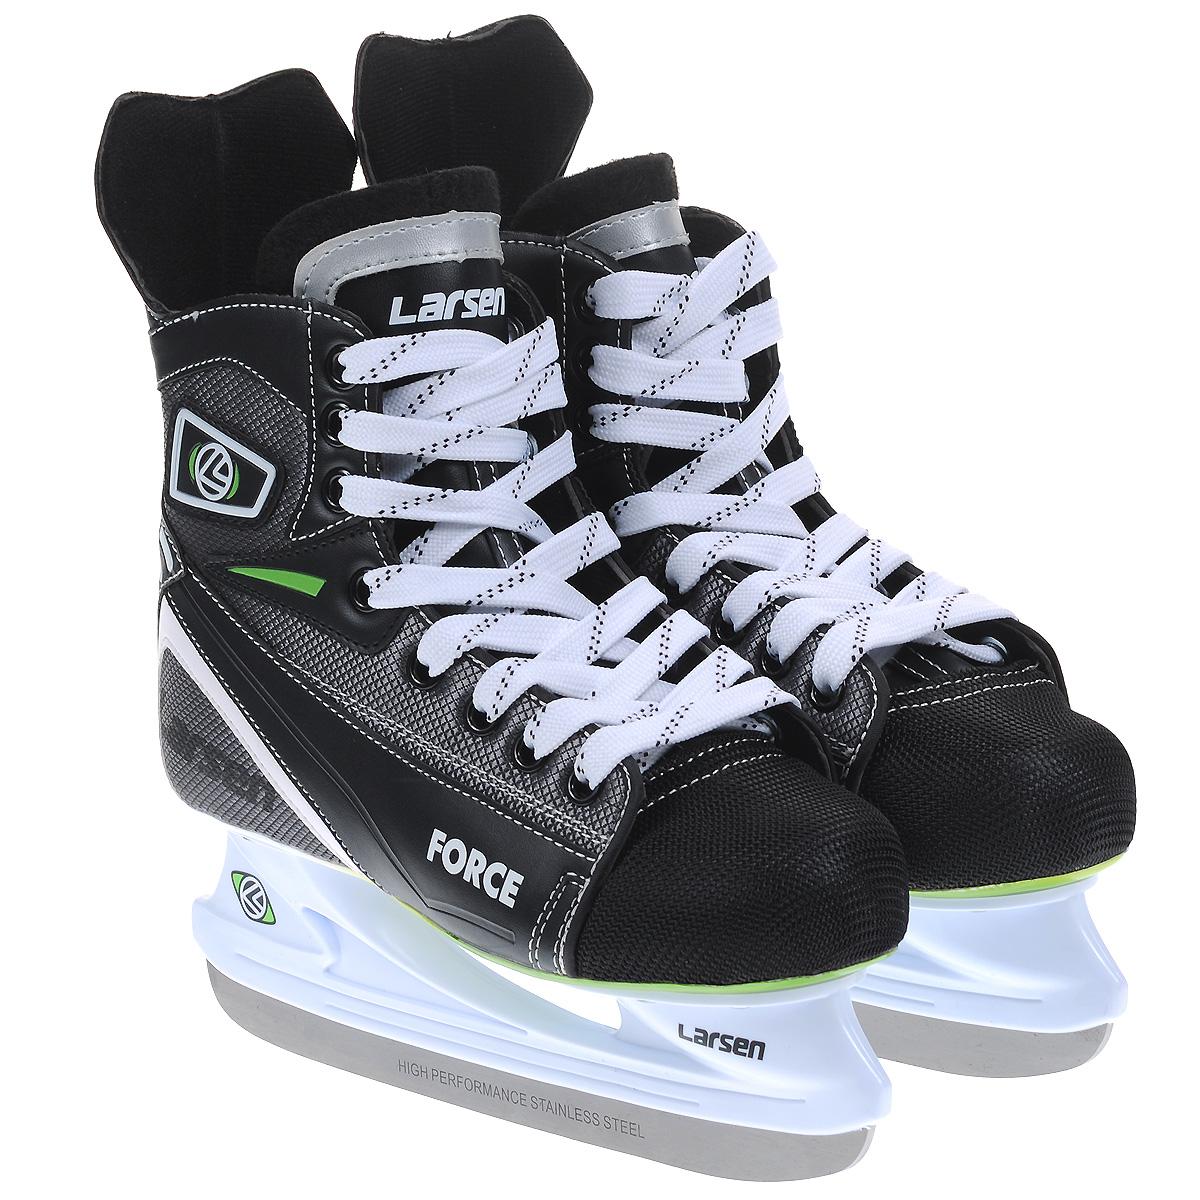 Коньки хоккейные Larsen Force, цвет: черный, серый. Размер 40ForceХоккейные коньки Force от Larsen прекрасно подойдут для начинающих игроков в хоккей. Ботинок выполнен из морозоустойчивого поливинилхлорида, мыс - из полипропилена, который защитит ноги от ударов, покрытого сетчатым нейлоном плотностью 800D. Внутренний слой изготовлен из мягкого материала Cambrelle, который обеспечит тепло и комфорт во время катания, язычок войлочный. Поролоновый утеплитель не позволит вашим ногам замерзнуть. Плотная шнуровка надежно фиксирует модель на ноге. Удобный суппорт голеностопа.Стелька из материала EVA обеспечит комфортное катание.Стойка выполнена из ударопрочного пластика. Лезвие из высокоуглеродистой стали жесткостью HRC 50-52 обеспечит превосходное скольжение.